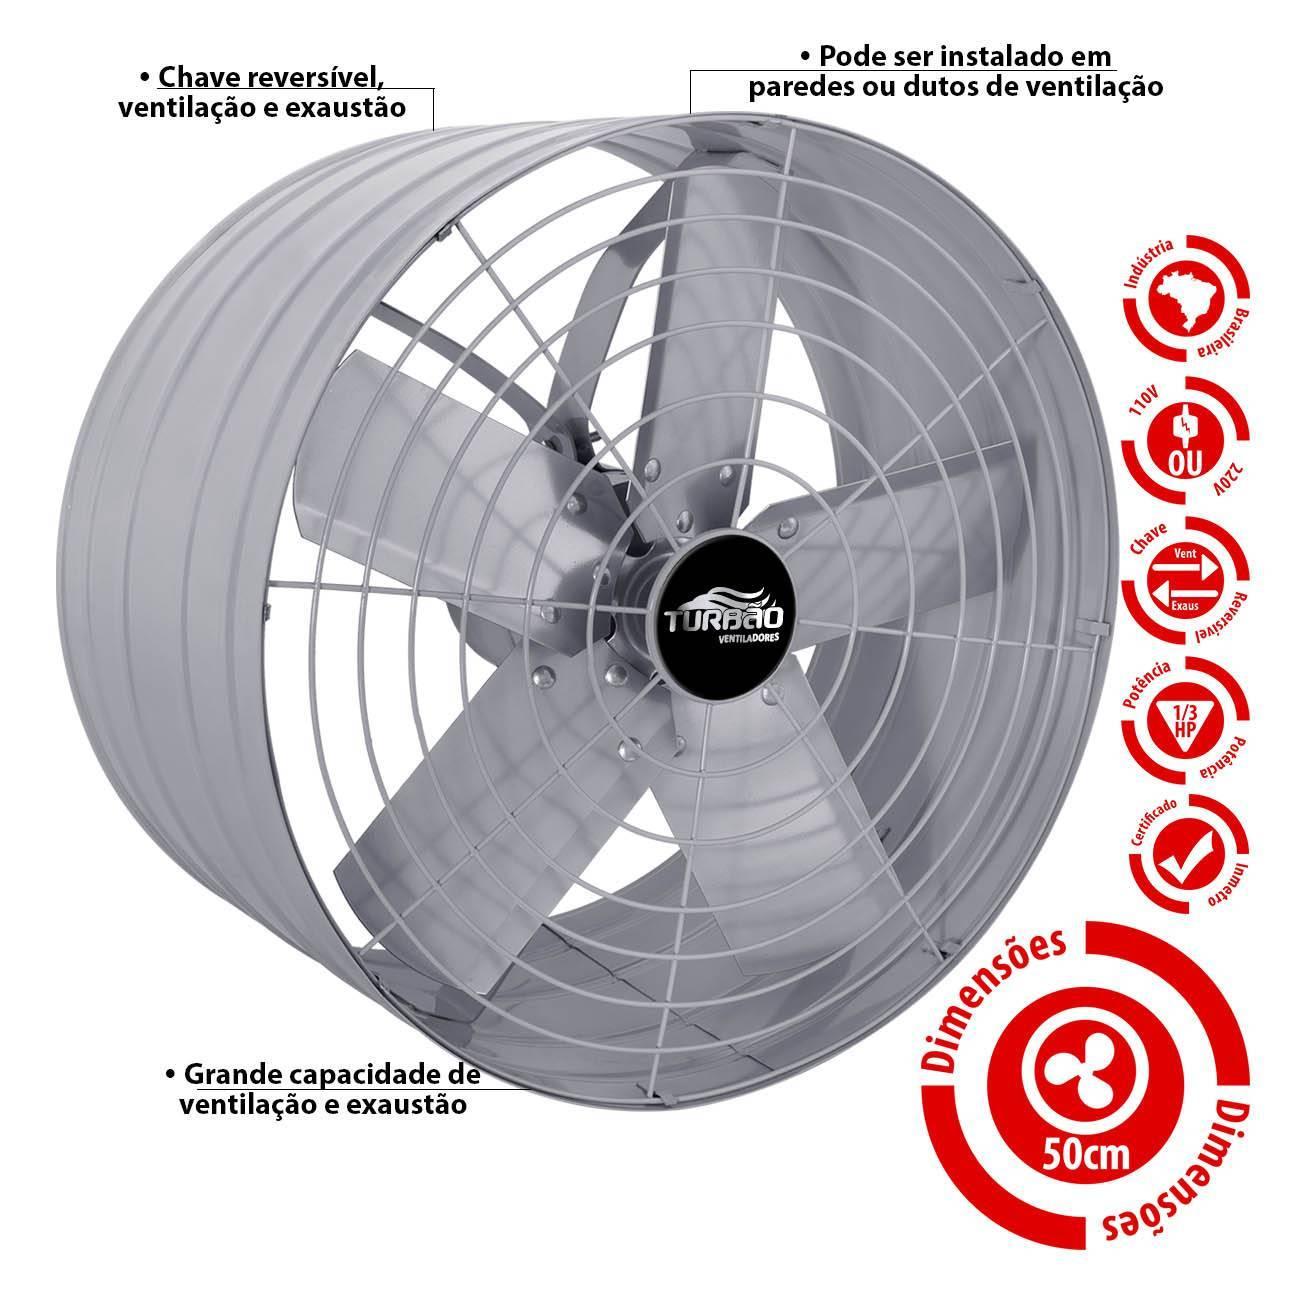 Exaustor Industrial/Comercial 50cm Turbão Alta Vazão - LCGELETRO